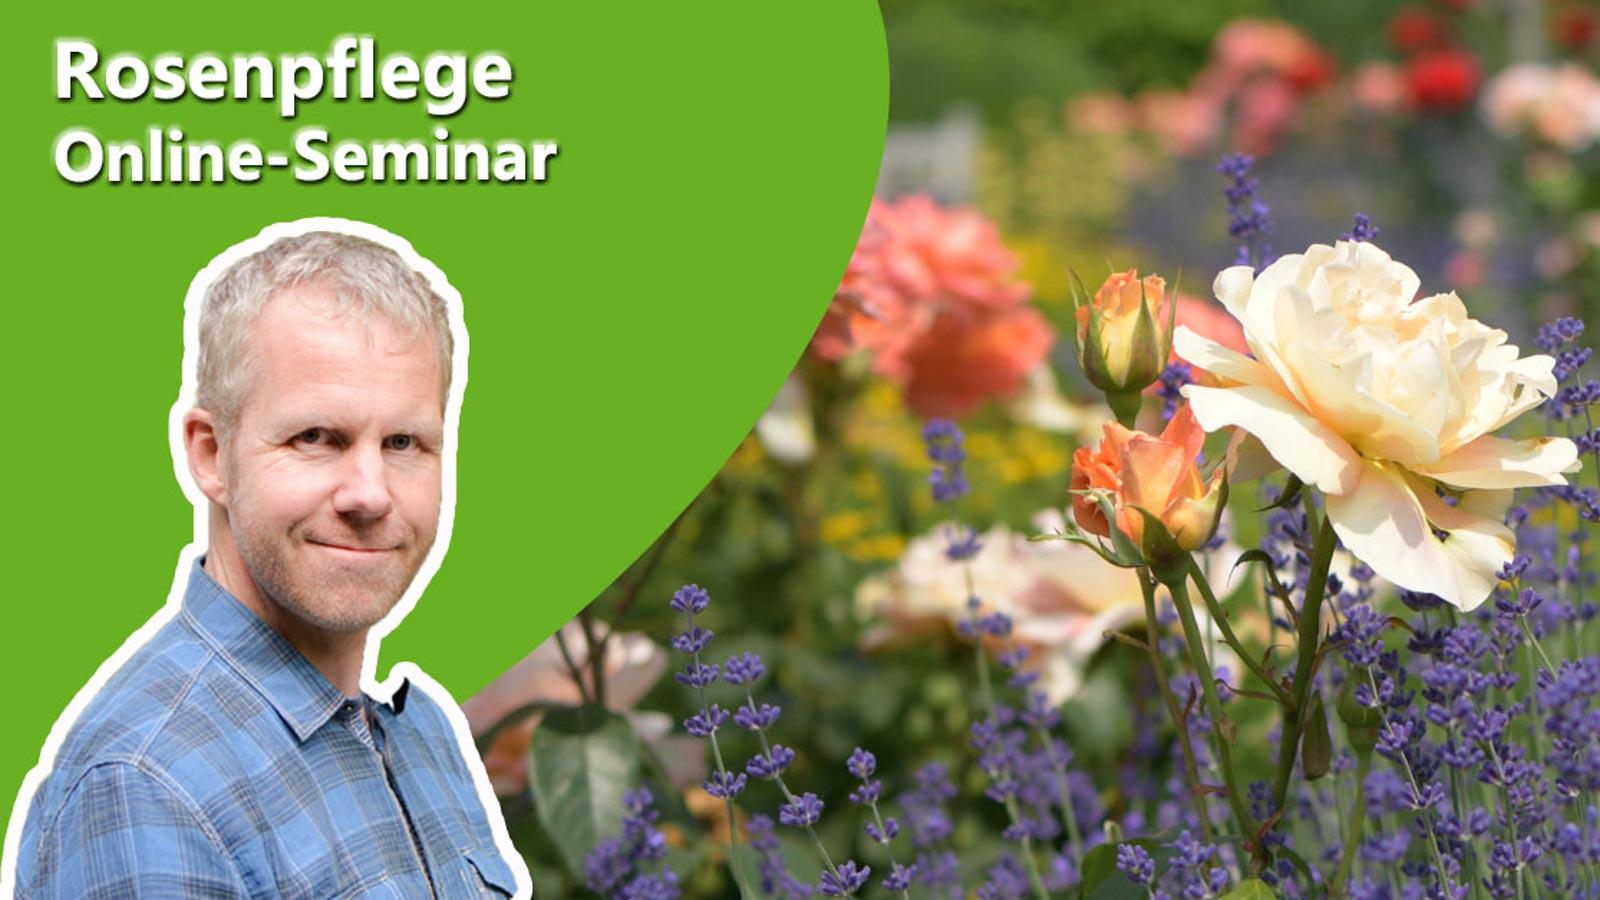 Philippe Dahlmann auf Bild mit einer Rose zur Ankündigung des Online-Seminars Steckholzvermehrung.